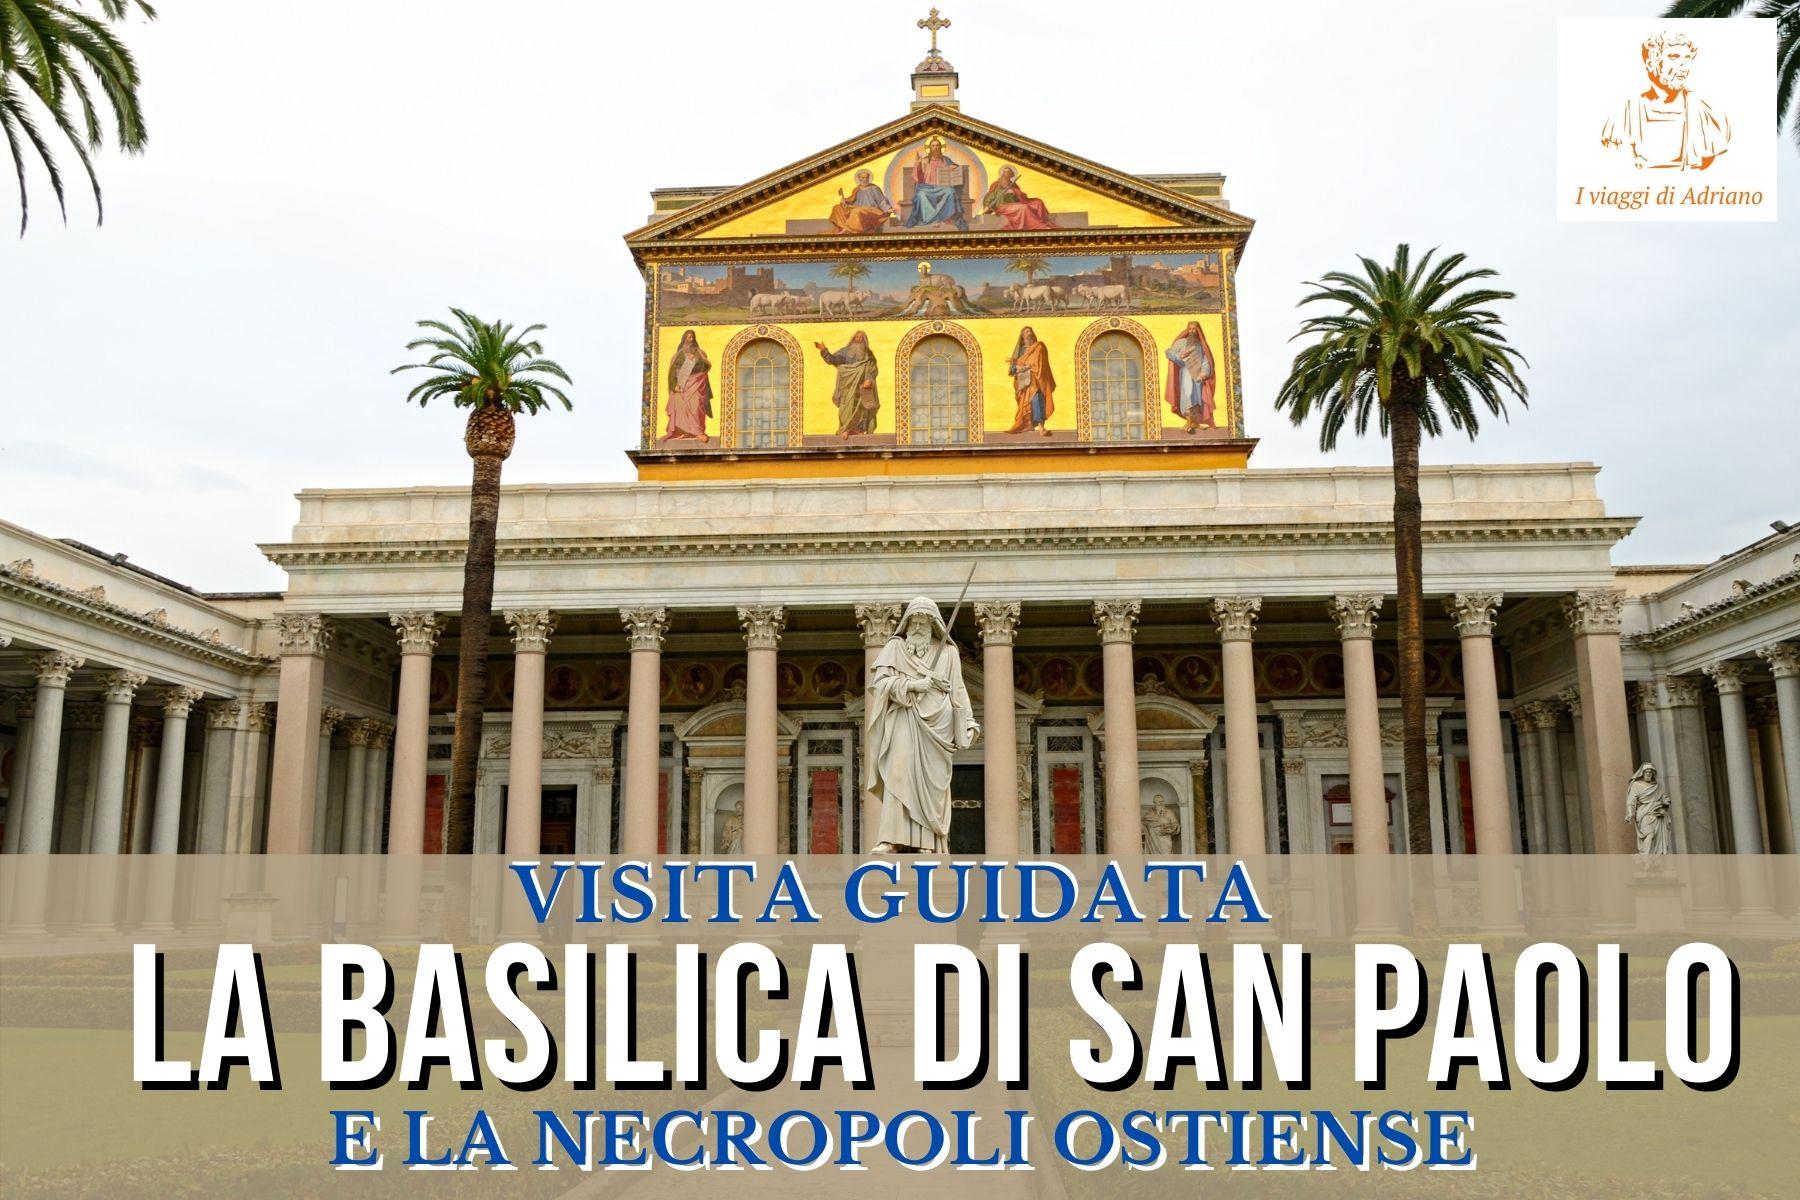 Basilica San Paolo visita